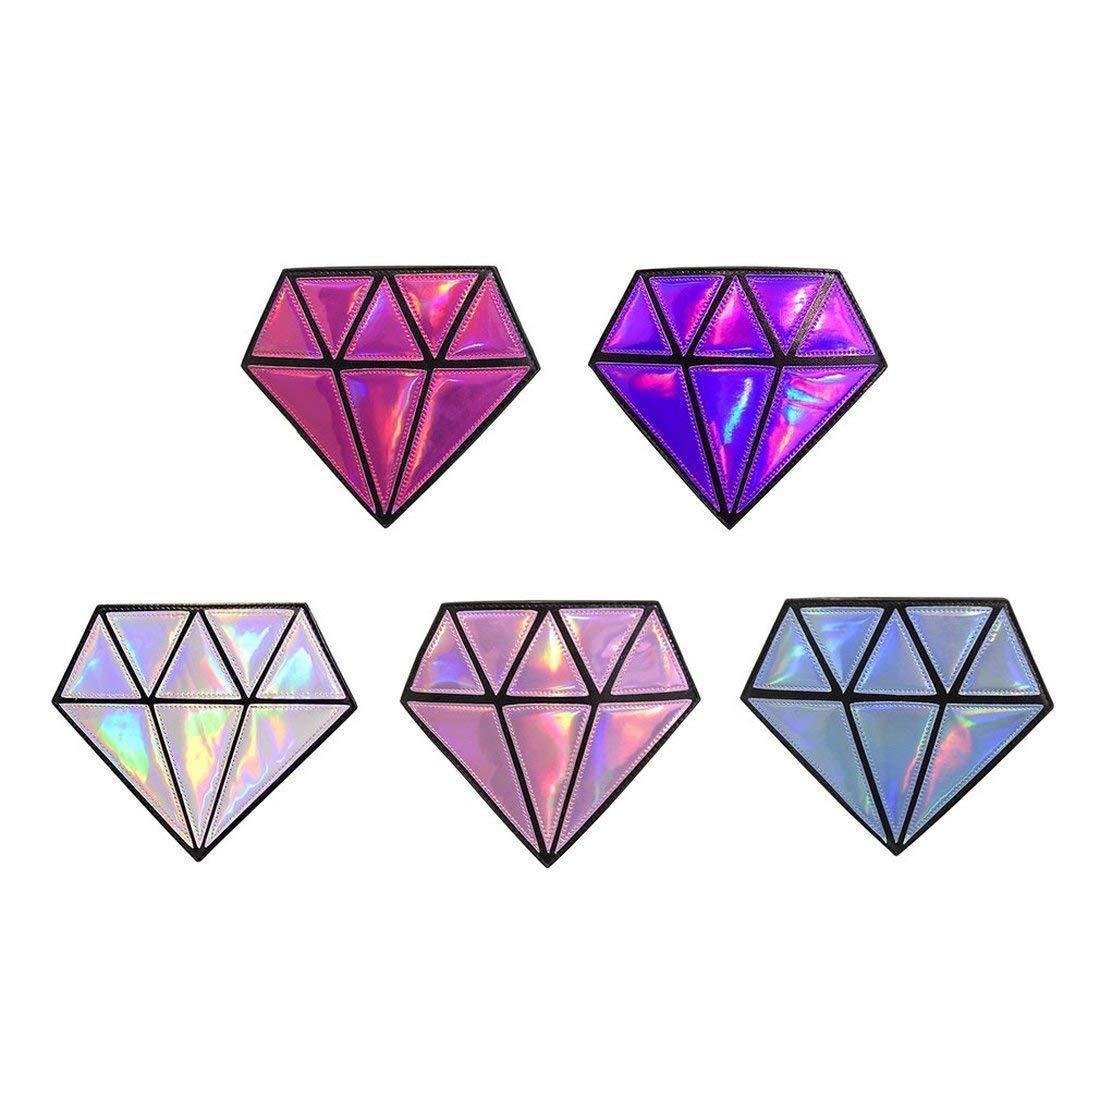 Forma /única de Diamante para Mujer Bolso de Bandolera de Cuero de PU PU Fiesta Linda del Club Nocturno para Mujer Cadena Bandolera Femenina Plata